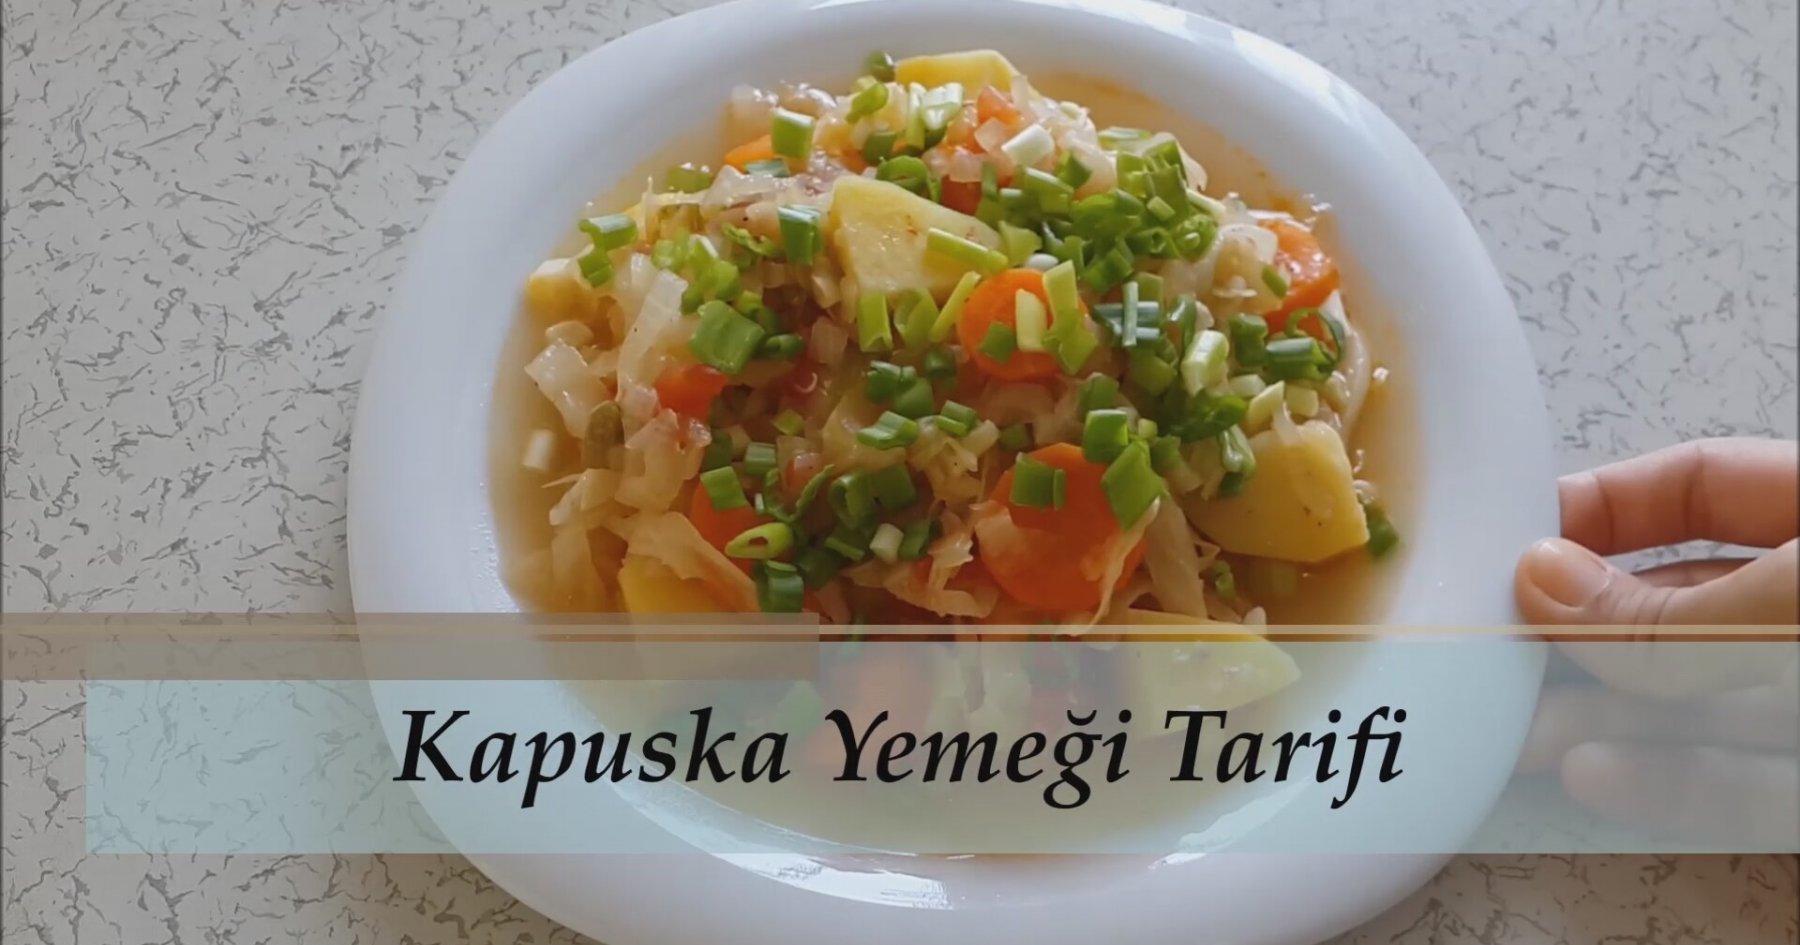 Etsiz Kapuska Yemeği Videosu